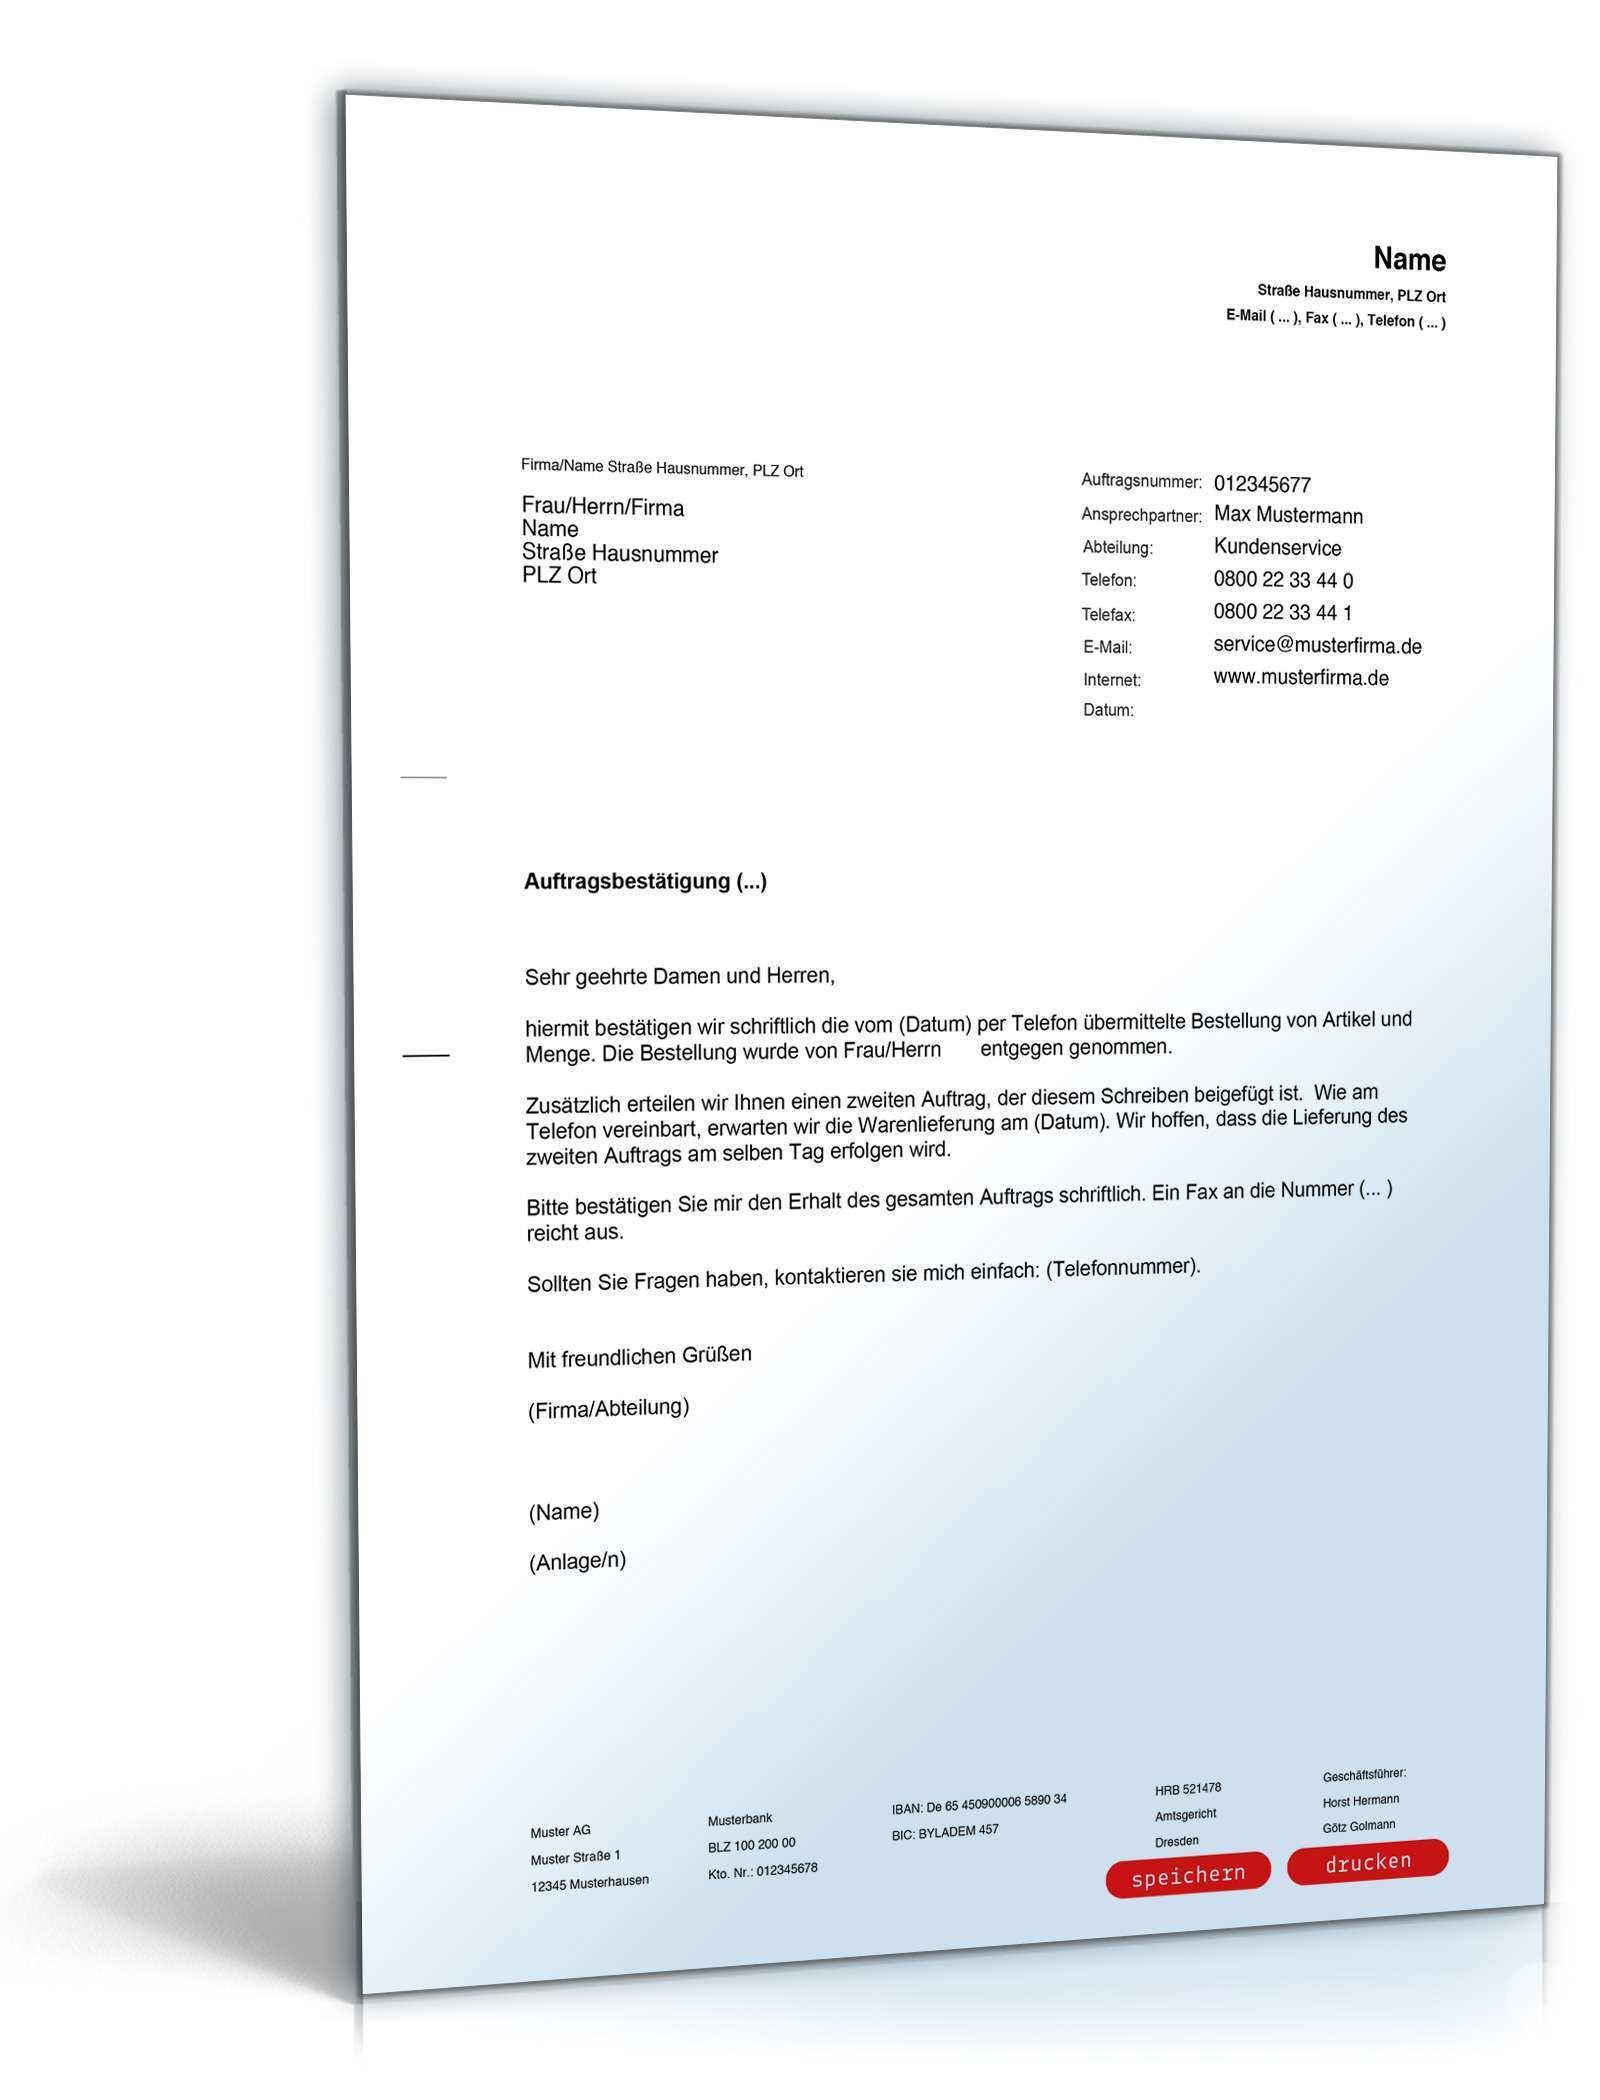 Bestatigung Telefonischer Auftrag Vorlage Zum Download